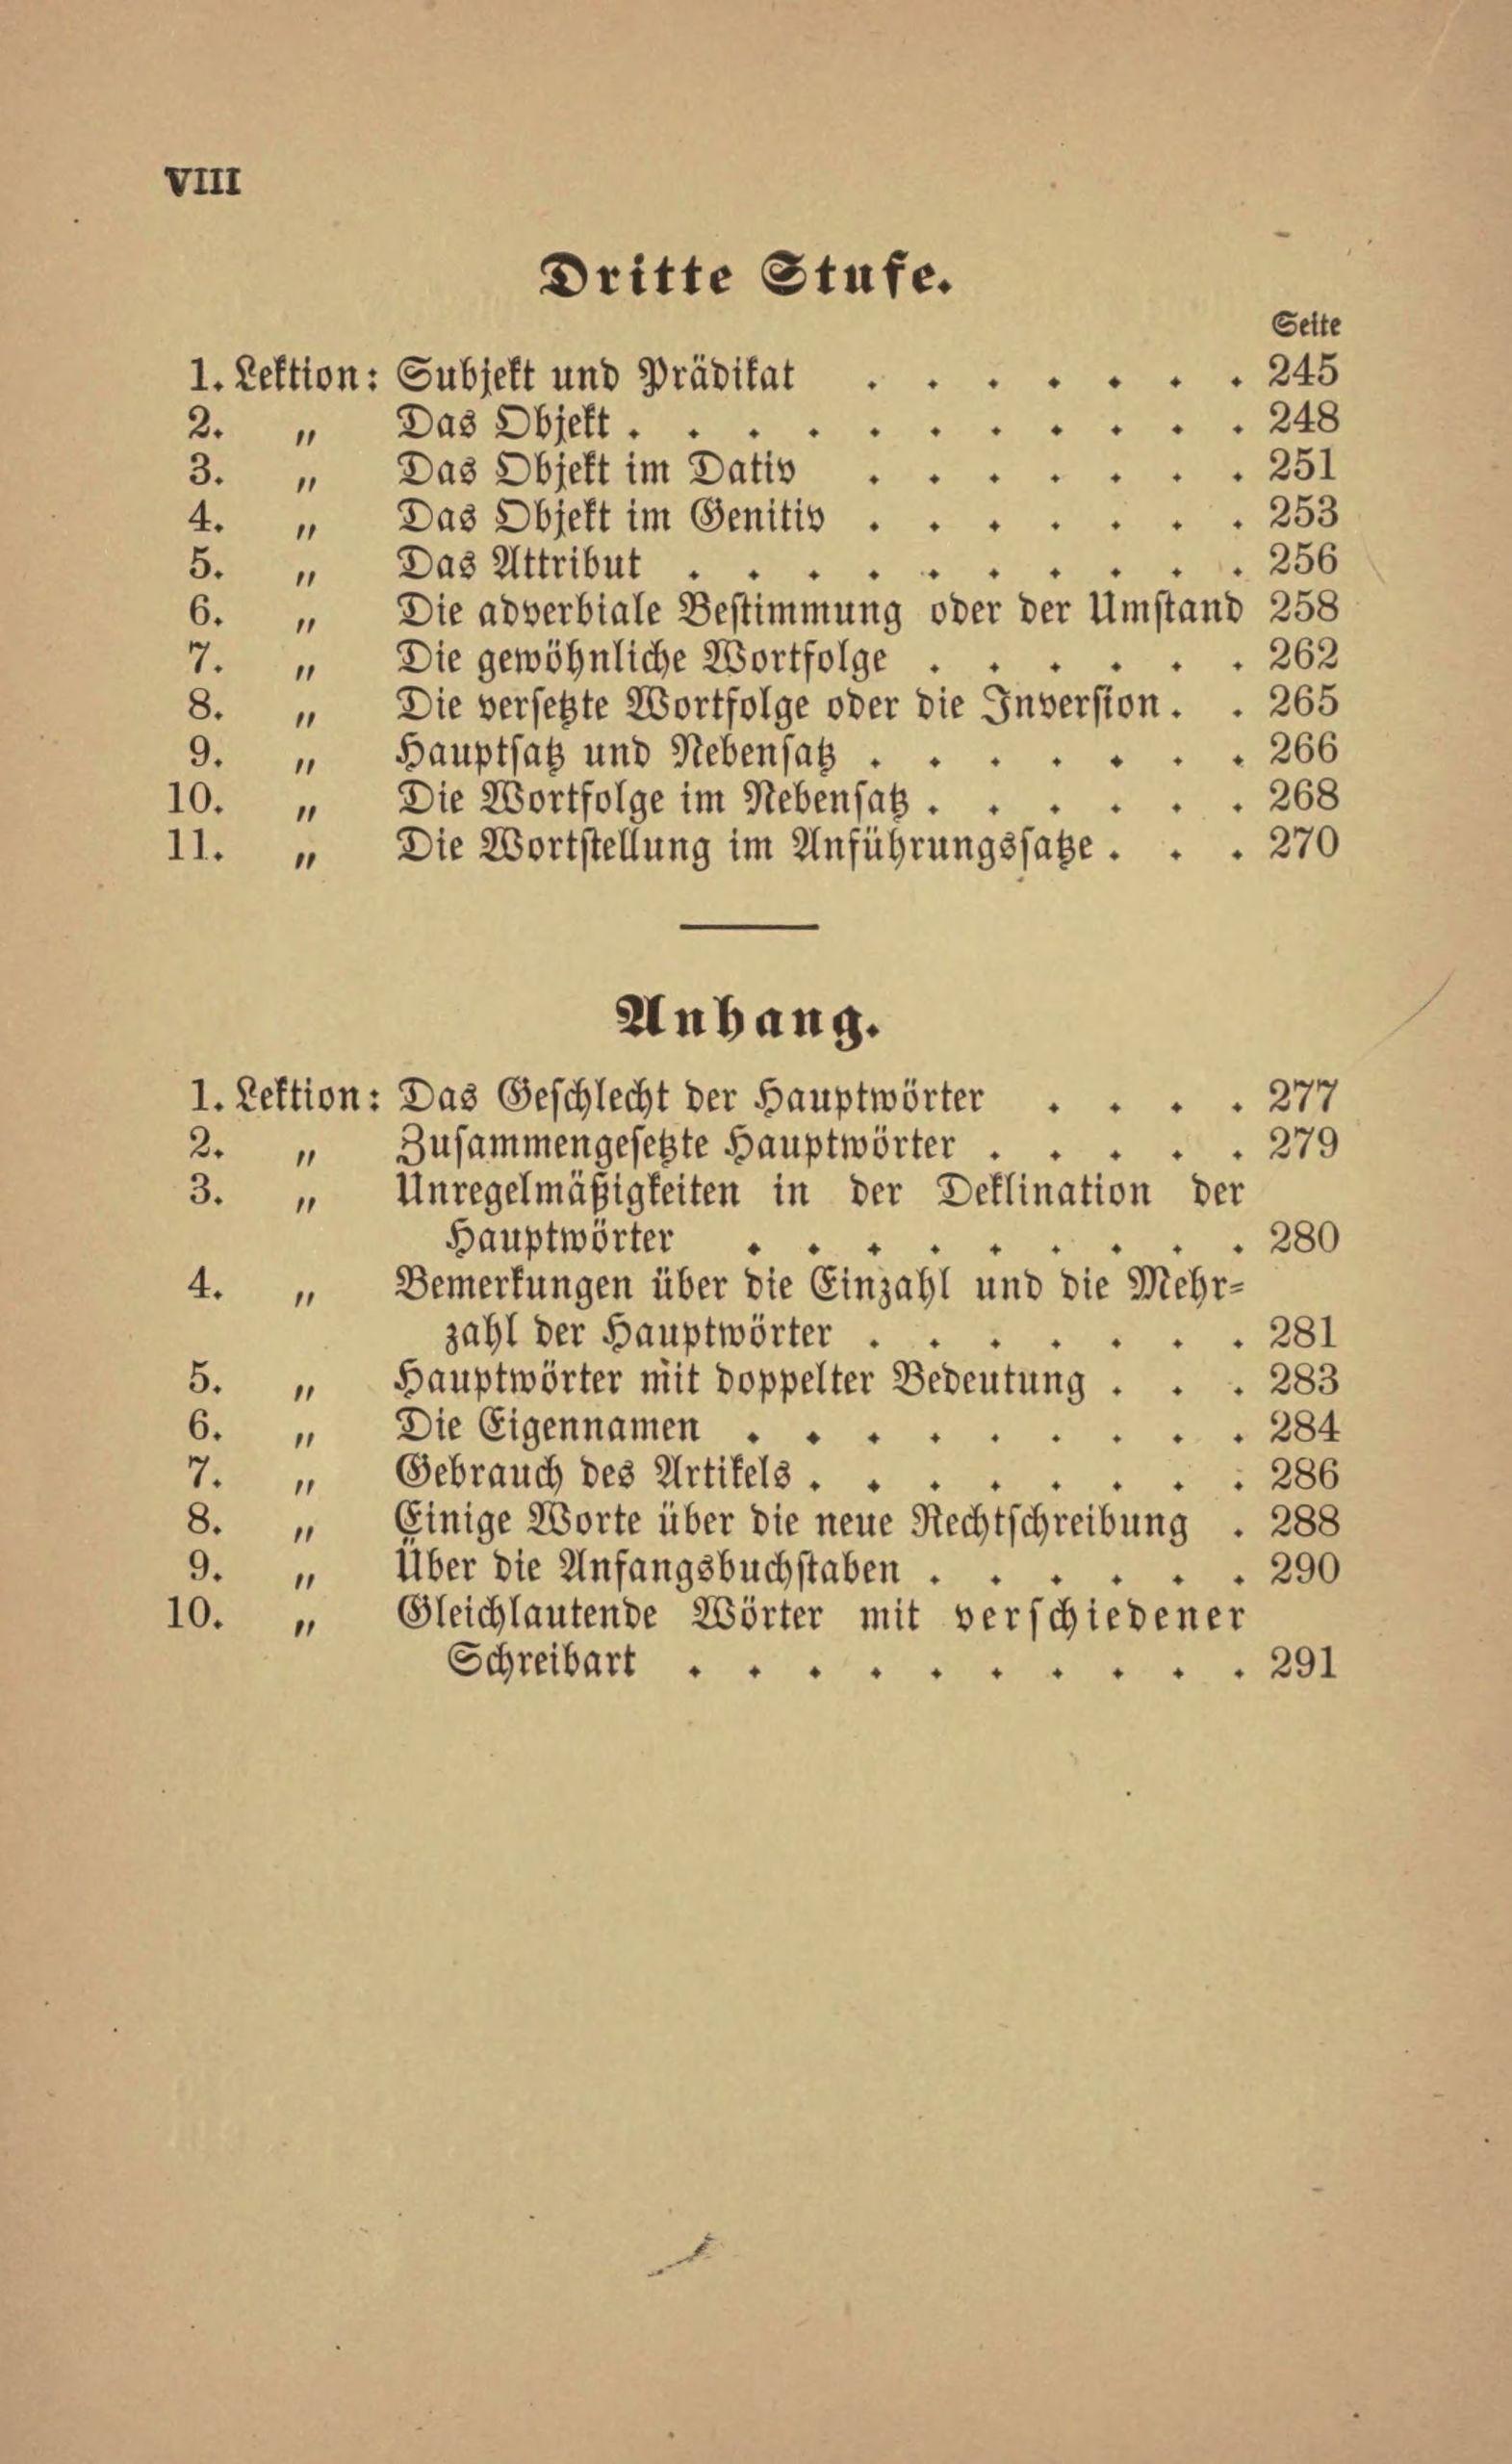 Pflanze Mit G Schön Selected Digitized Books Available Line 1887 Deutsche